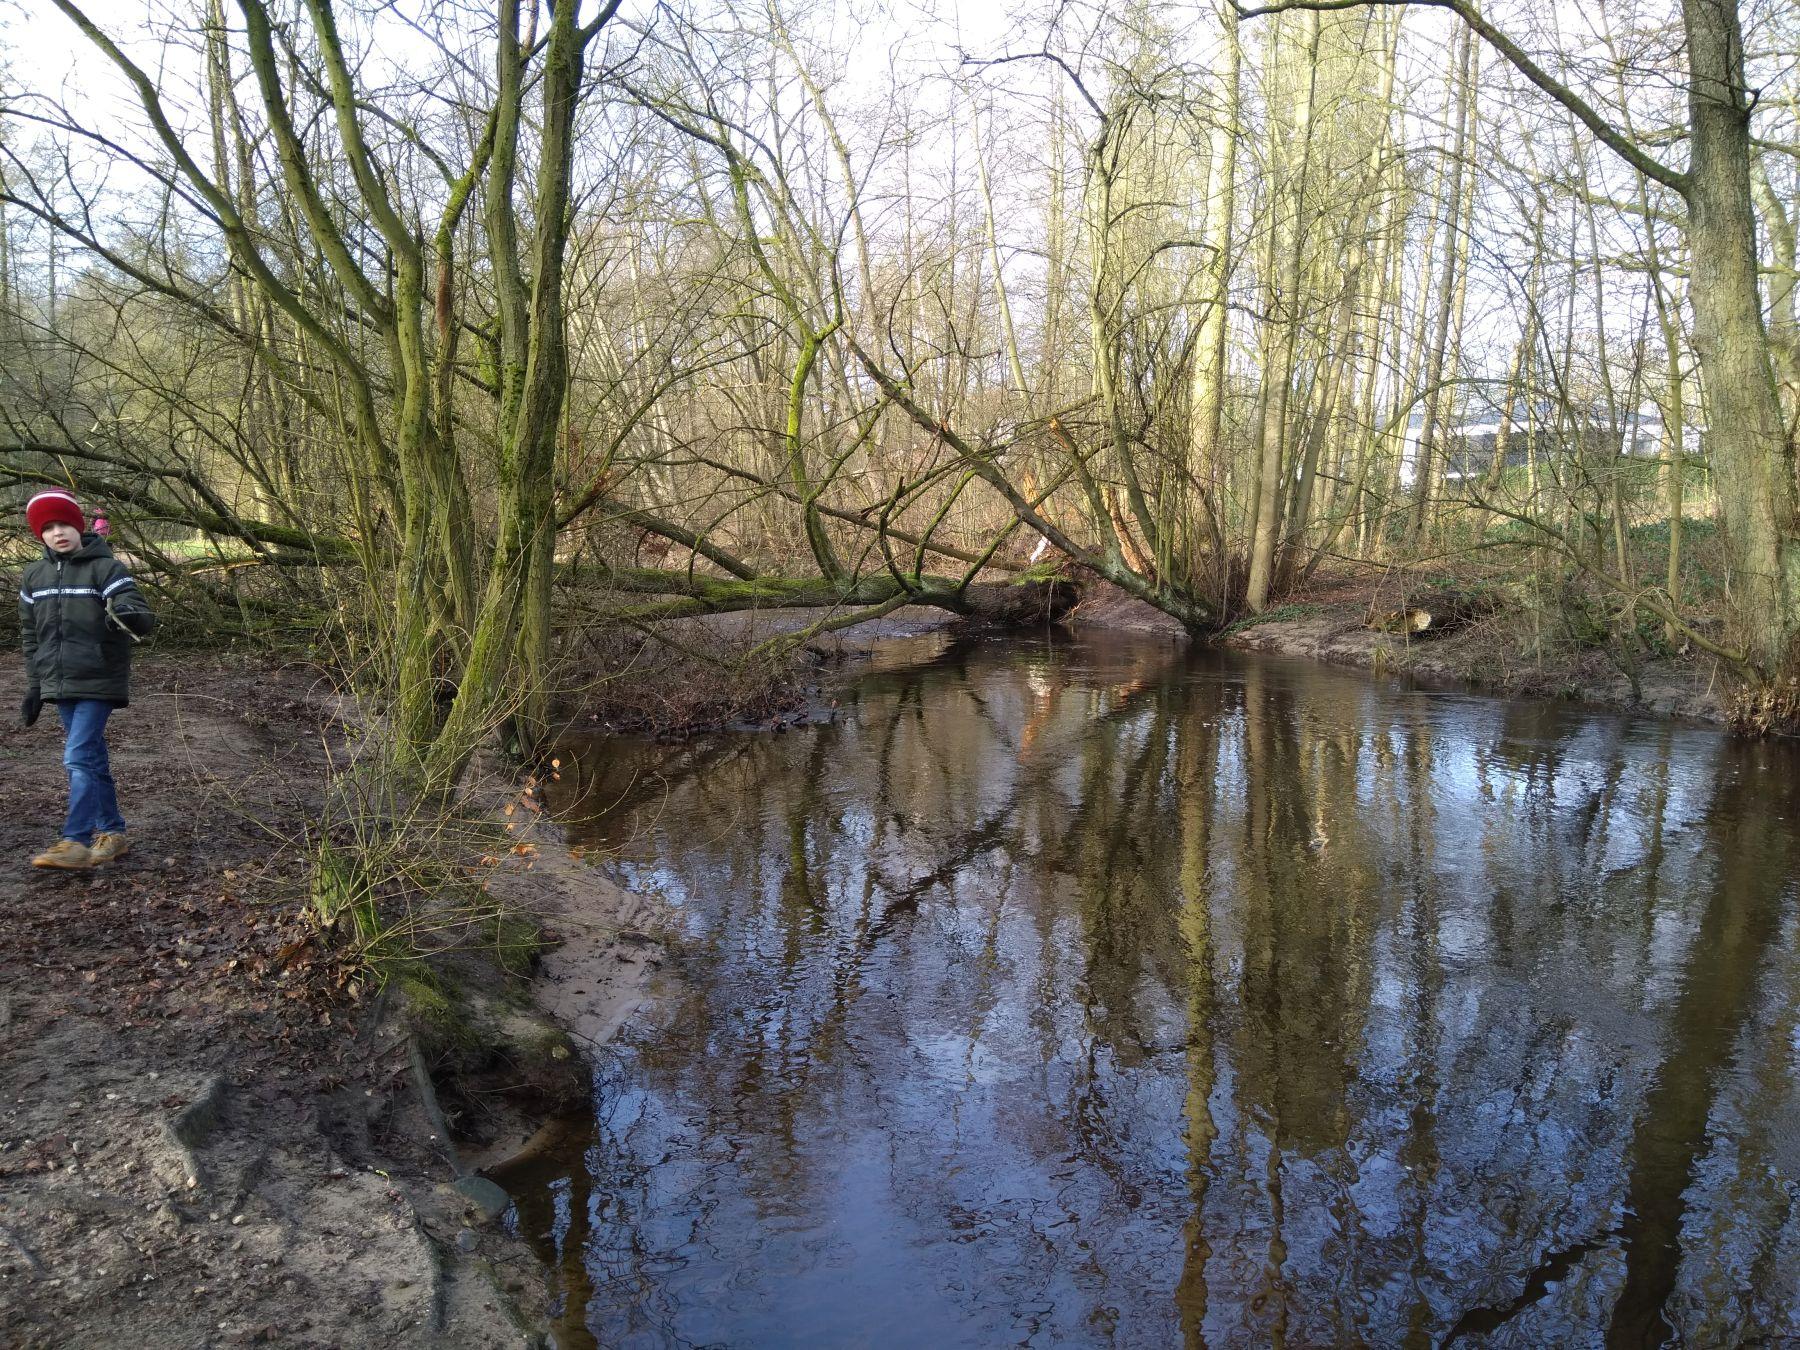 Blick auf denselben Baum von flussaufwärts (Foto: A. Lampe)